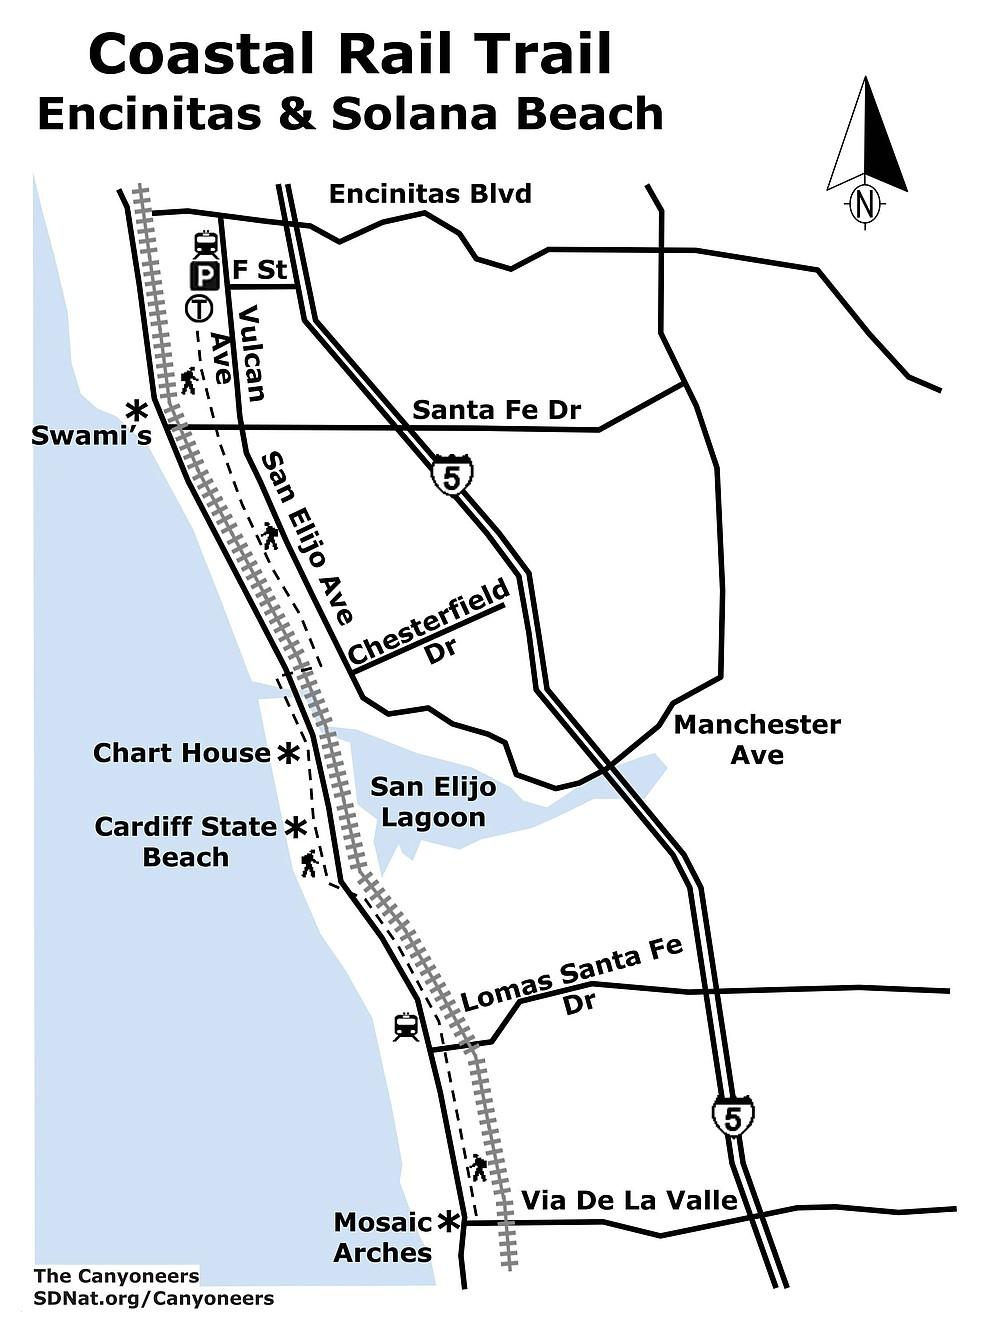 Coastal Rail Trail Encinitas to Solana Beach map